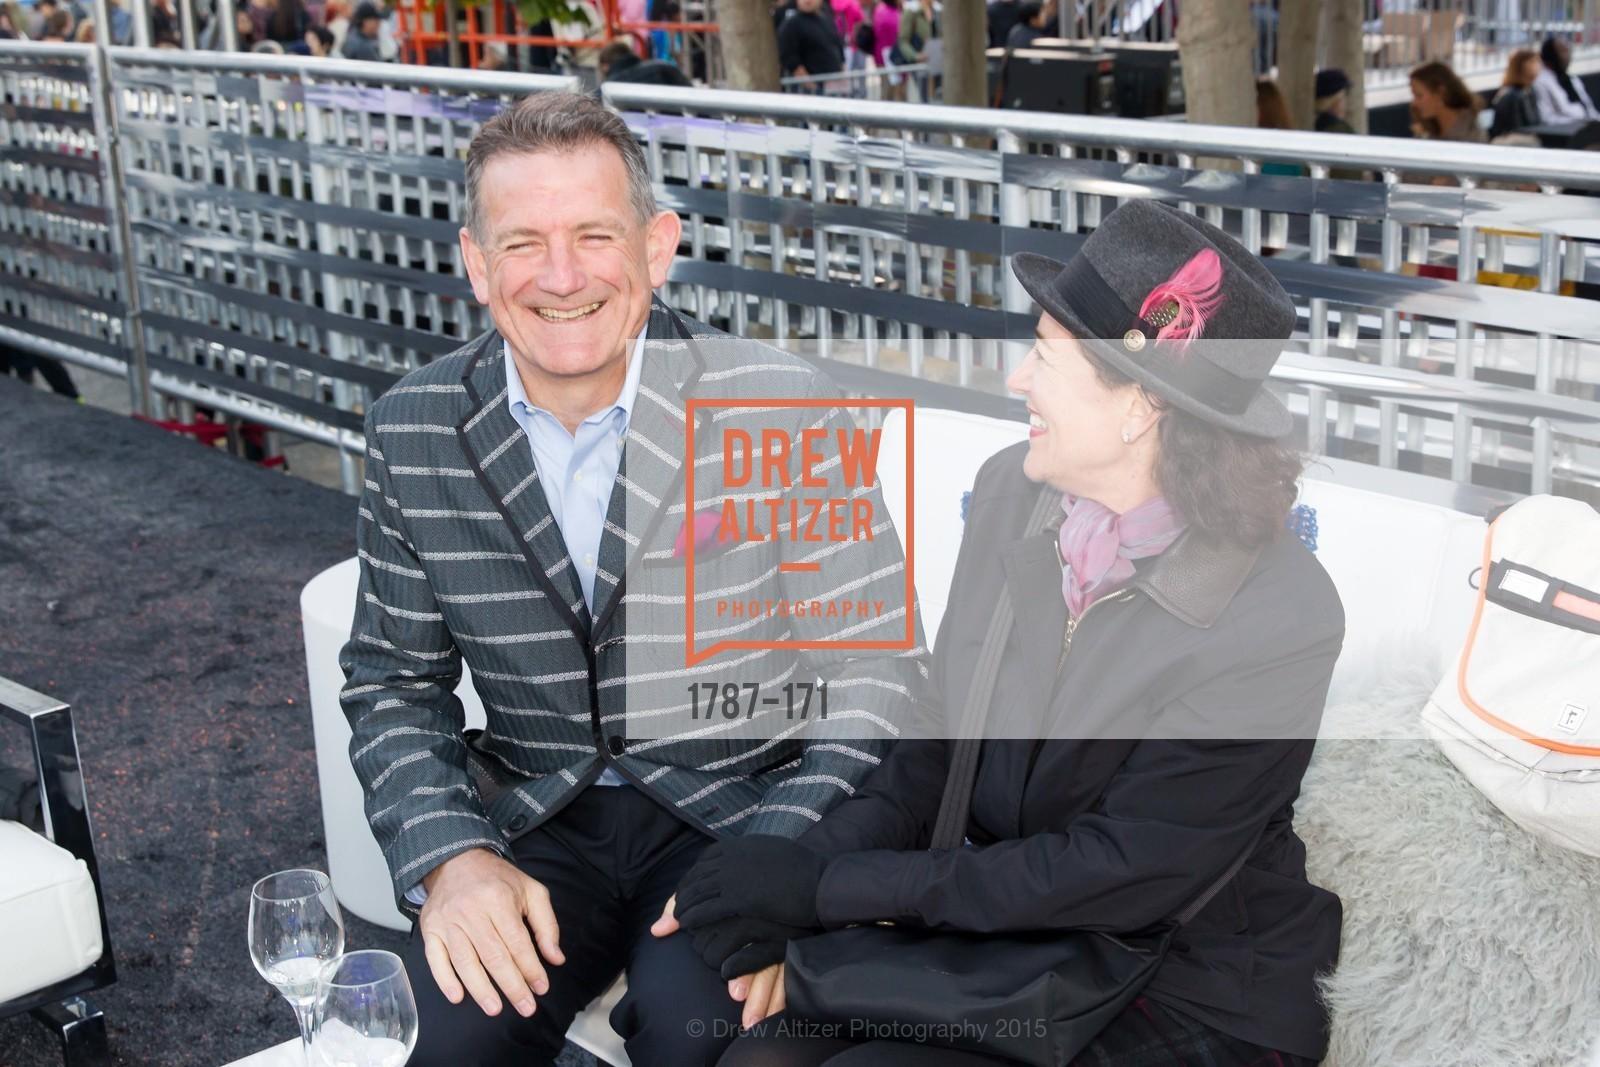 Mark Dwight, Juliet Hoffman, San Francisco City Hall Centennial Celebration, Civic Center Plaza, June 18th, 2015